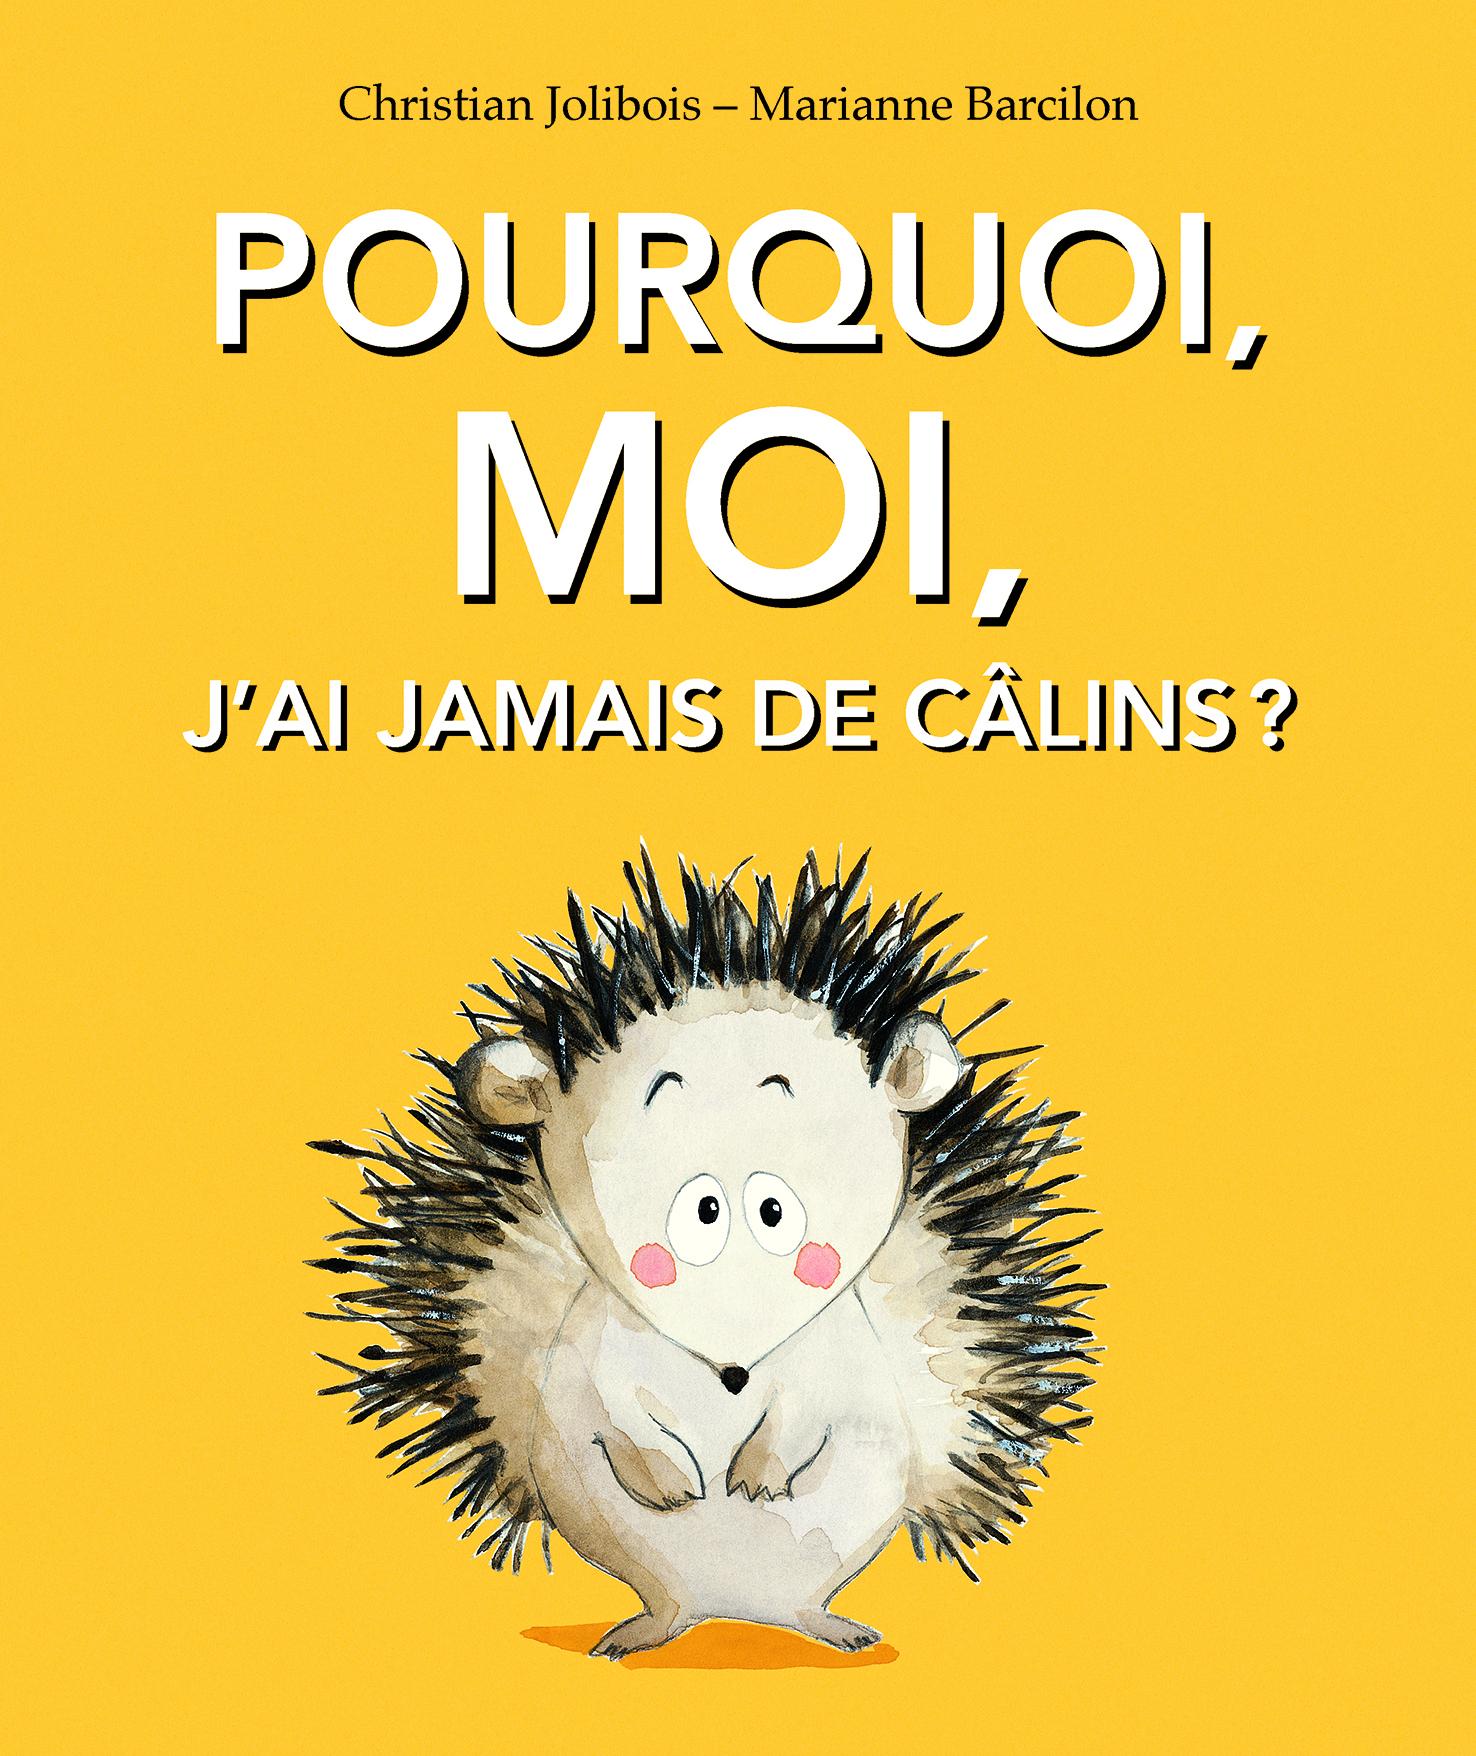 POURQUOI MOI, J'AI JAMAIS DE CALINS ?